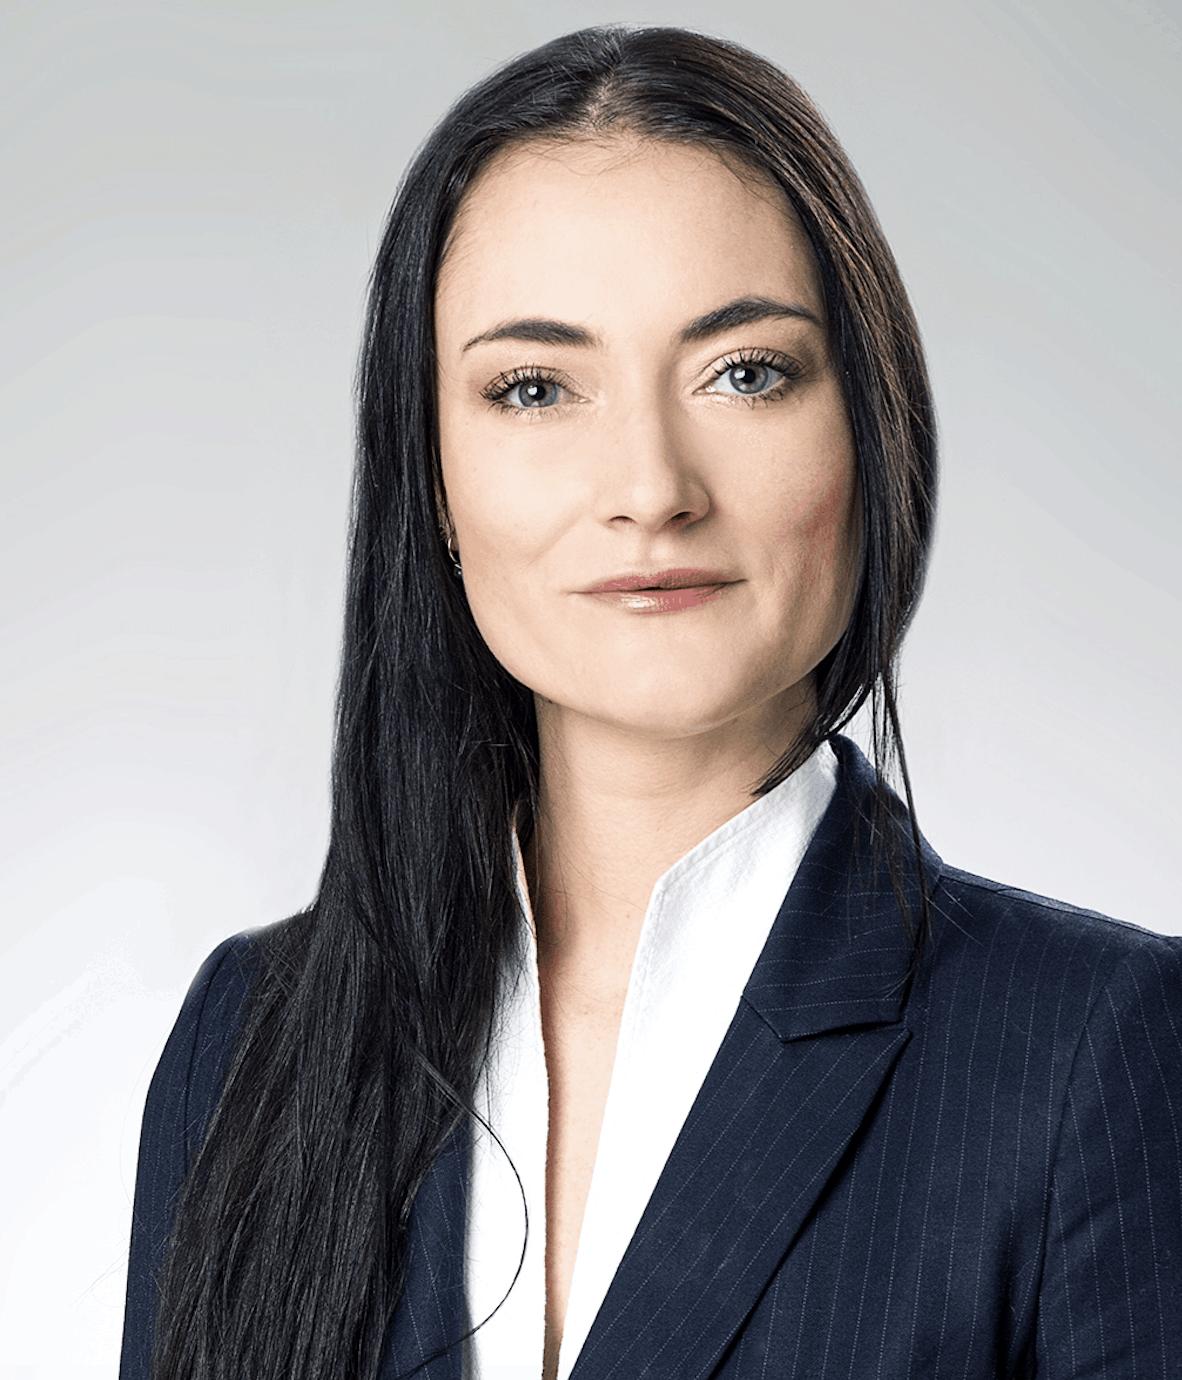 Marianna Kuzminskaya